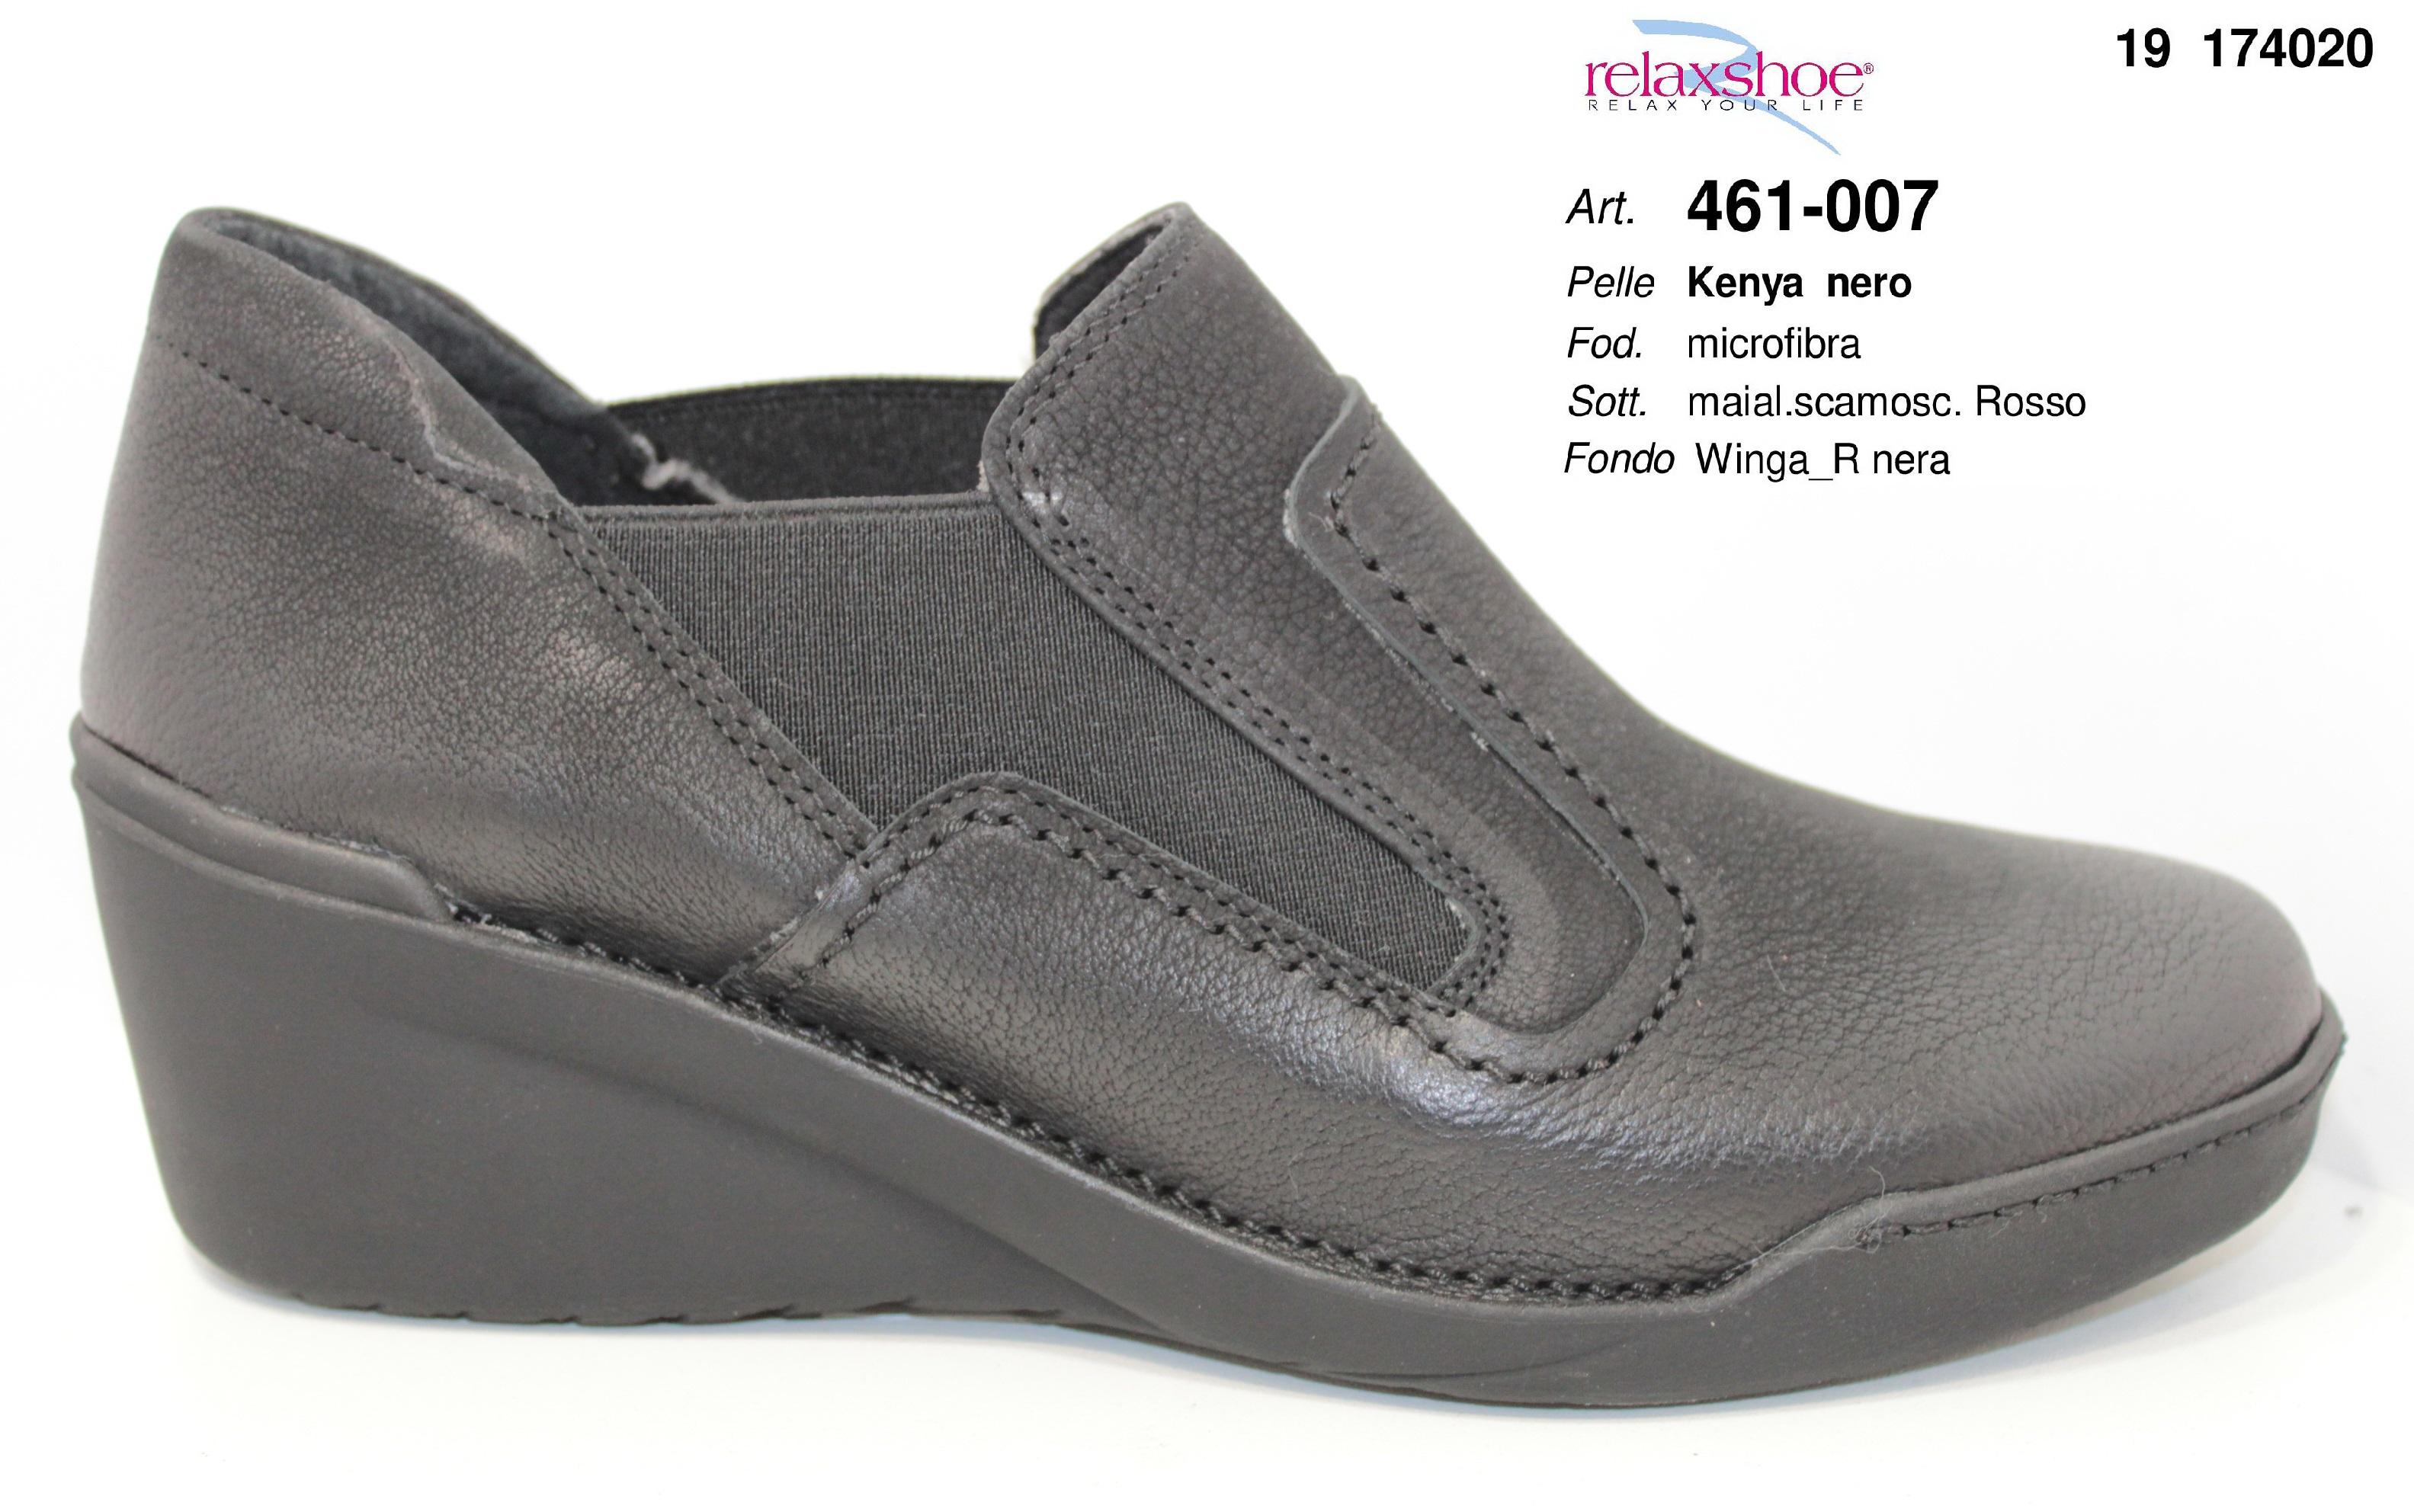 итальянская обувь relaxshoe